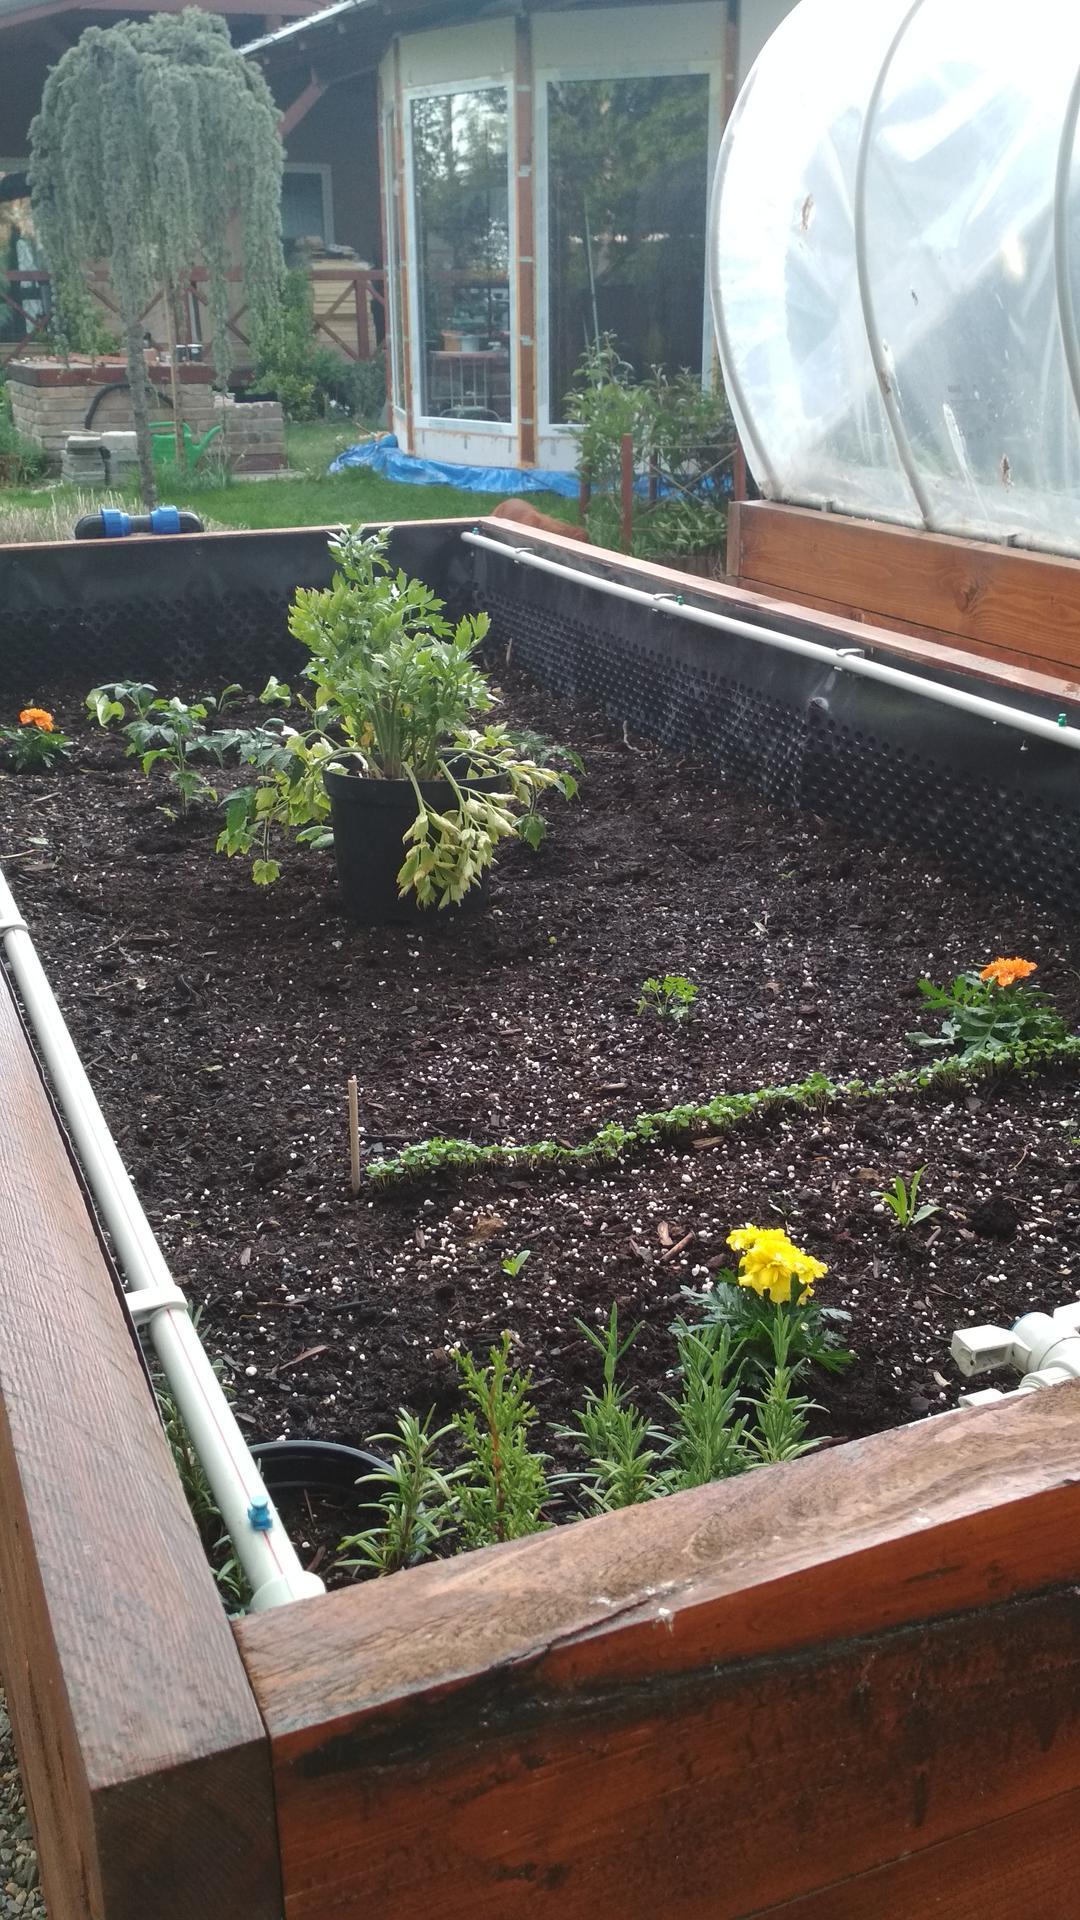 Vyvýšené záhony a úžitková záhrada - sezóna 2021 ... príprava, sadenie, starostlivosť - Obrázok č. 45